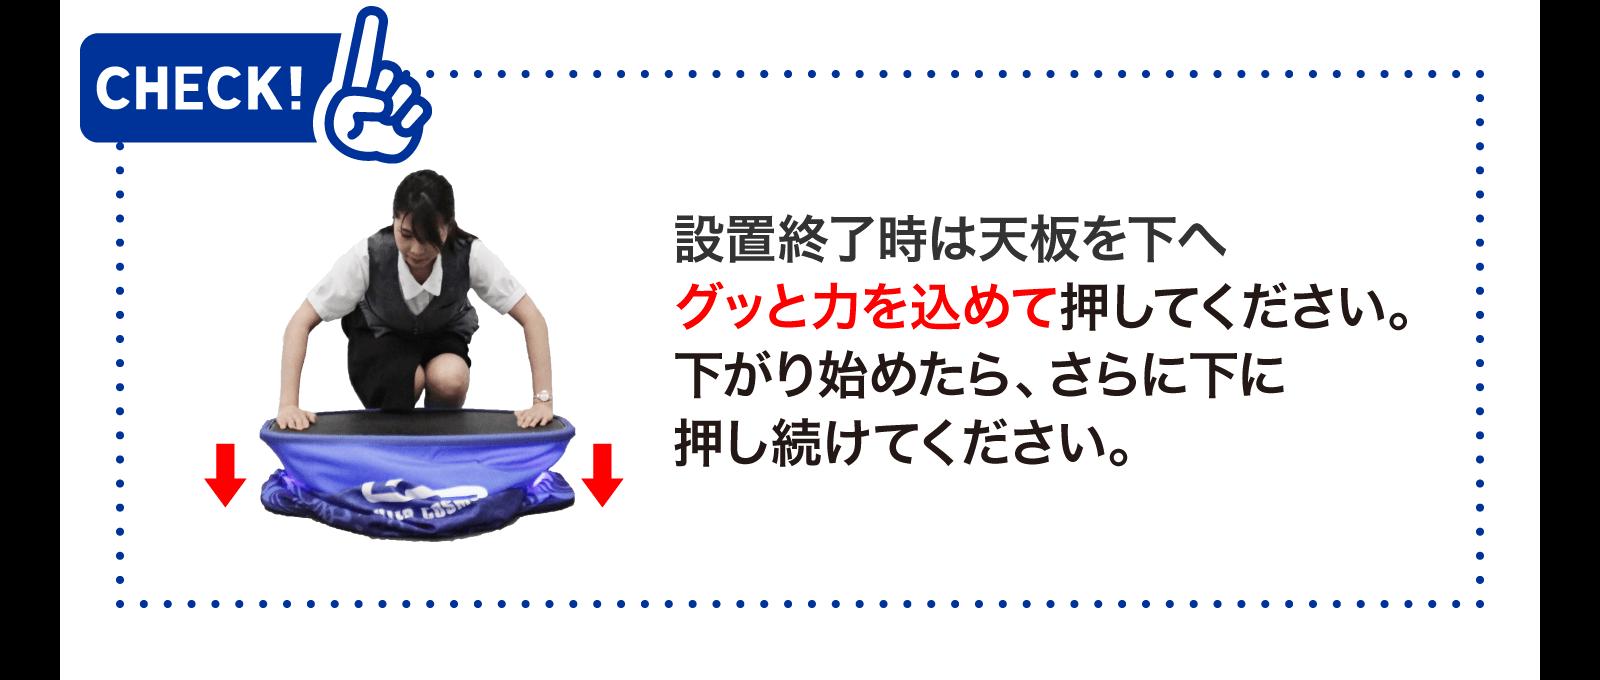 設置終了時は天板を下へグッと力を込めて押してください。下がり始めたら、さらに下に押し続けてください。